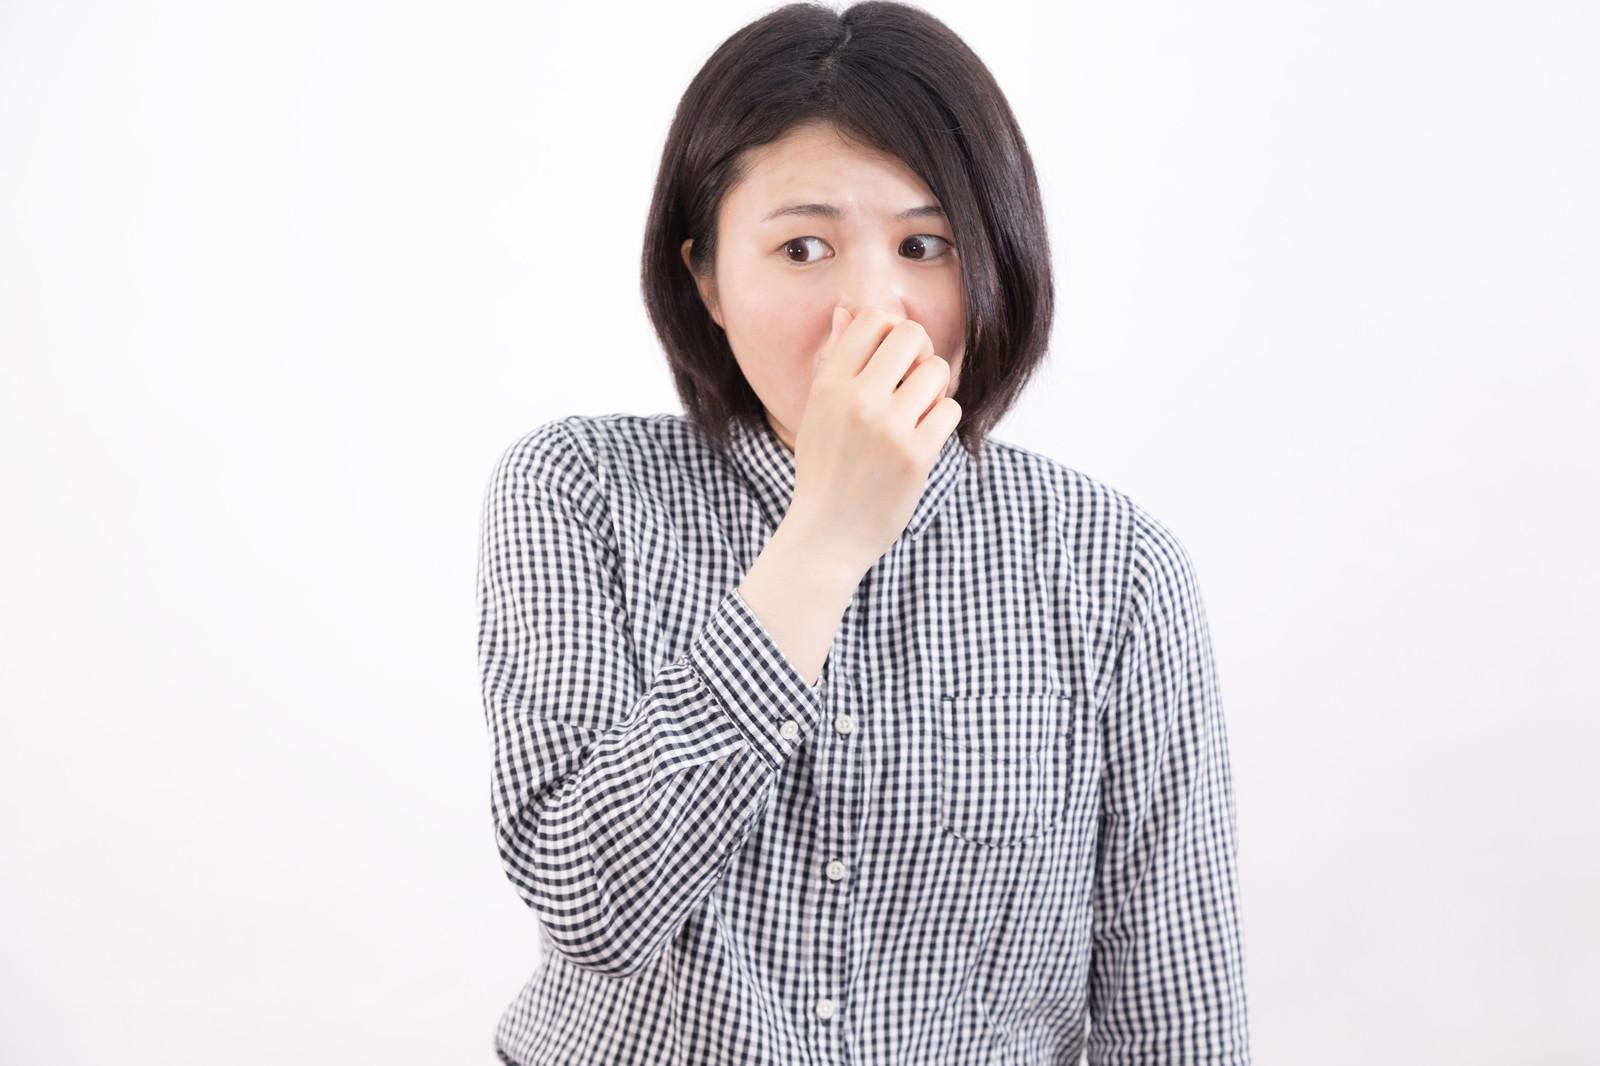 【女の口臭】女の子も口が臭いと嫌われる!?意外と気が付かない口臭の原因